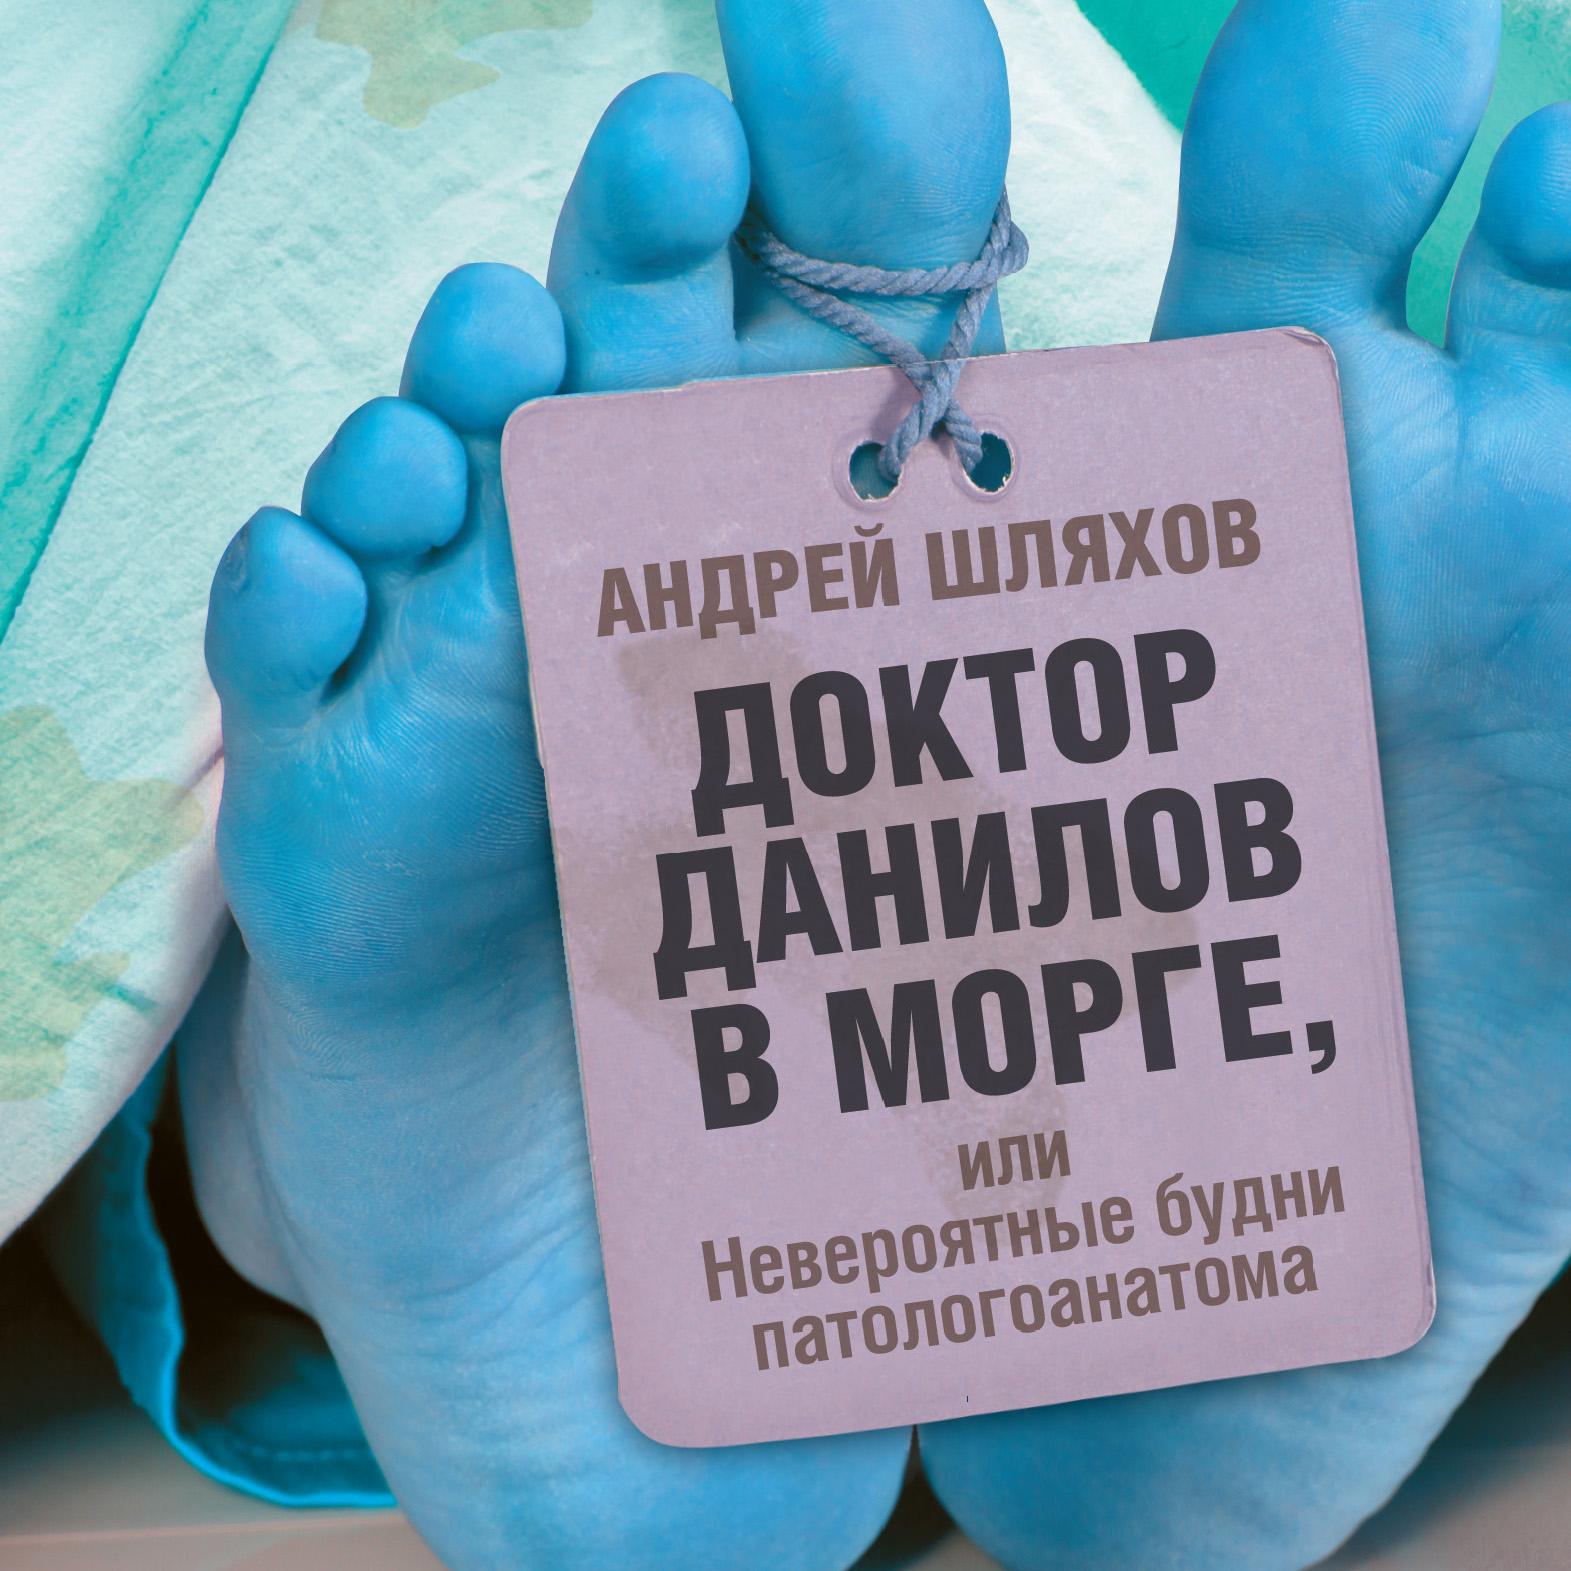 купить Андрей Шляхов Доктор Данилов в морге, или Невероятные будни патологоанатома по цене 119 рублей